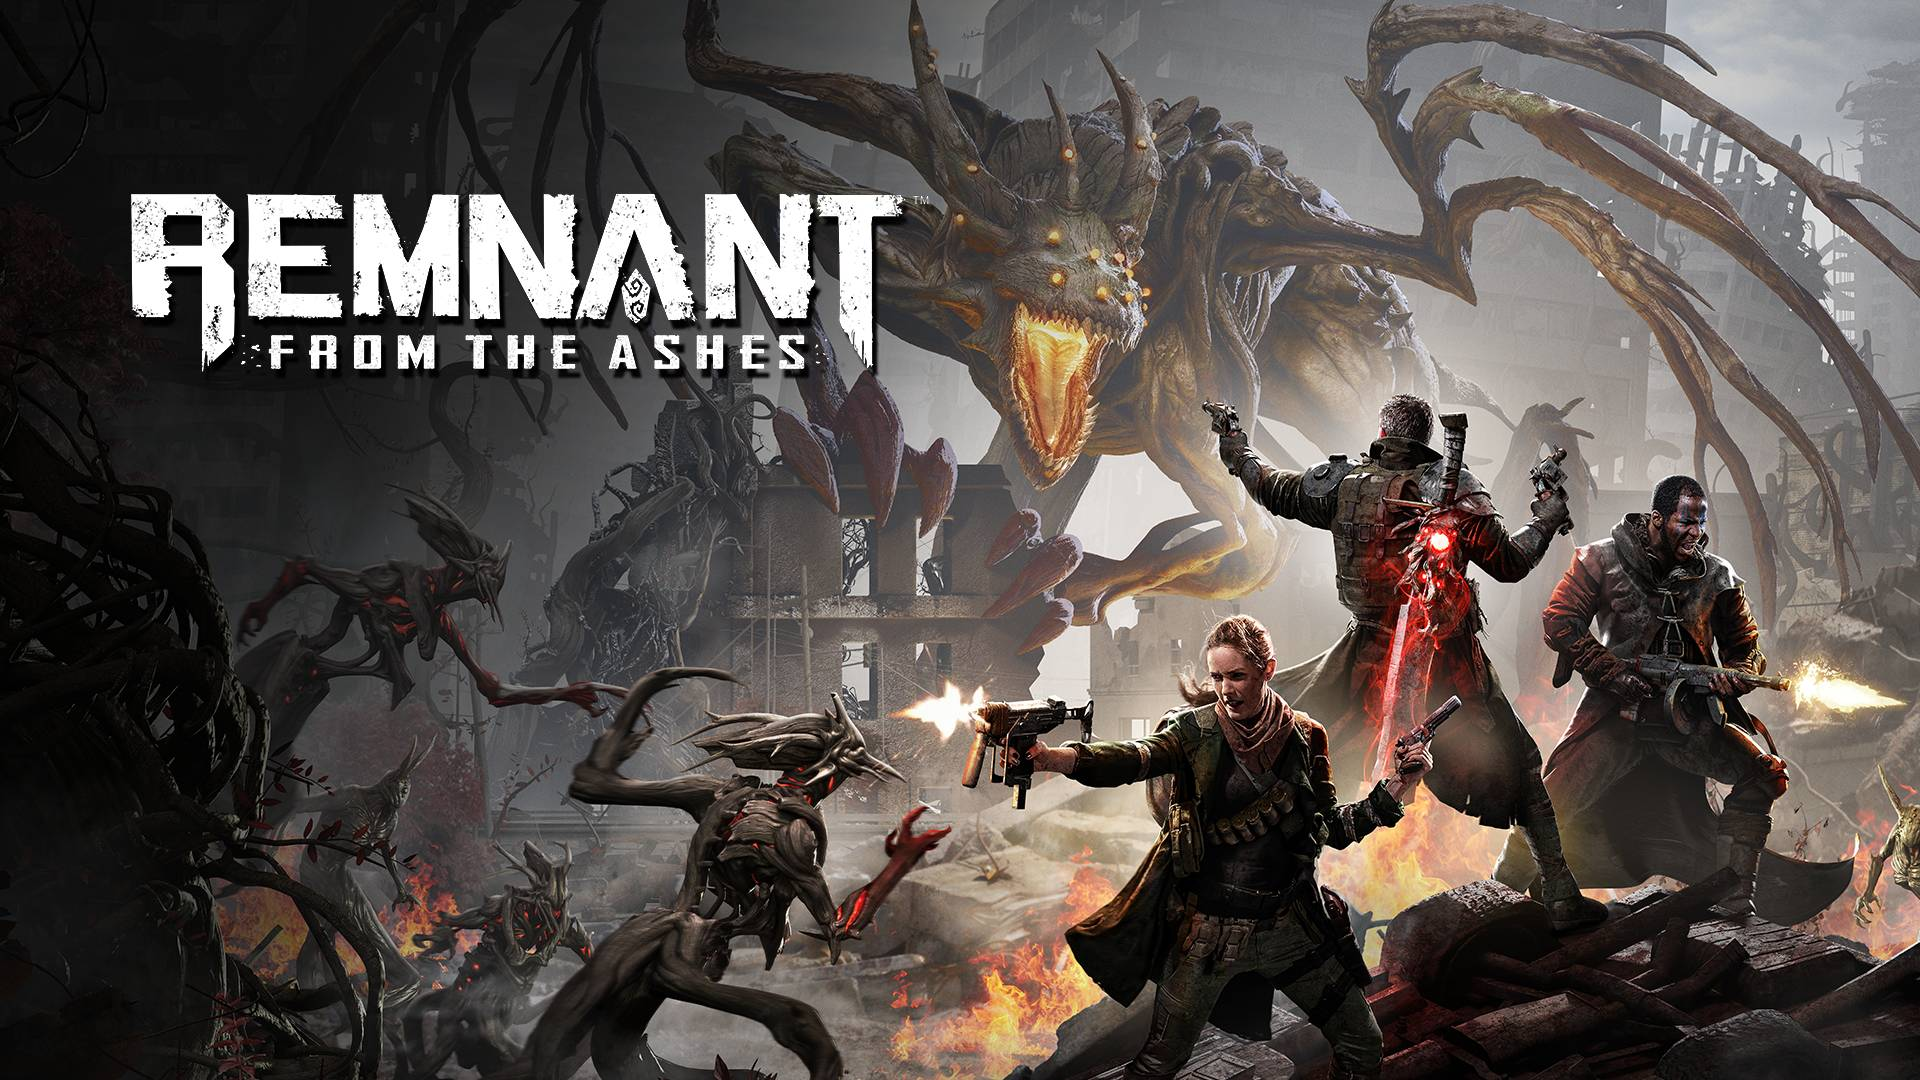 El último DLC de Remnant: From the Ashes llegará en agosto